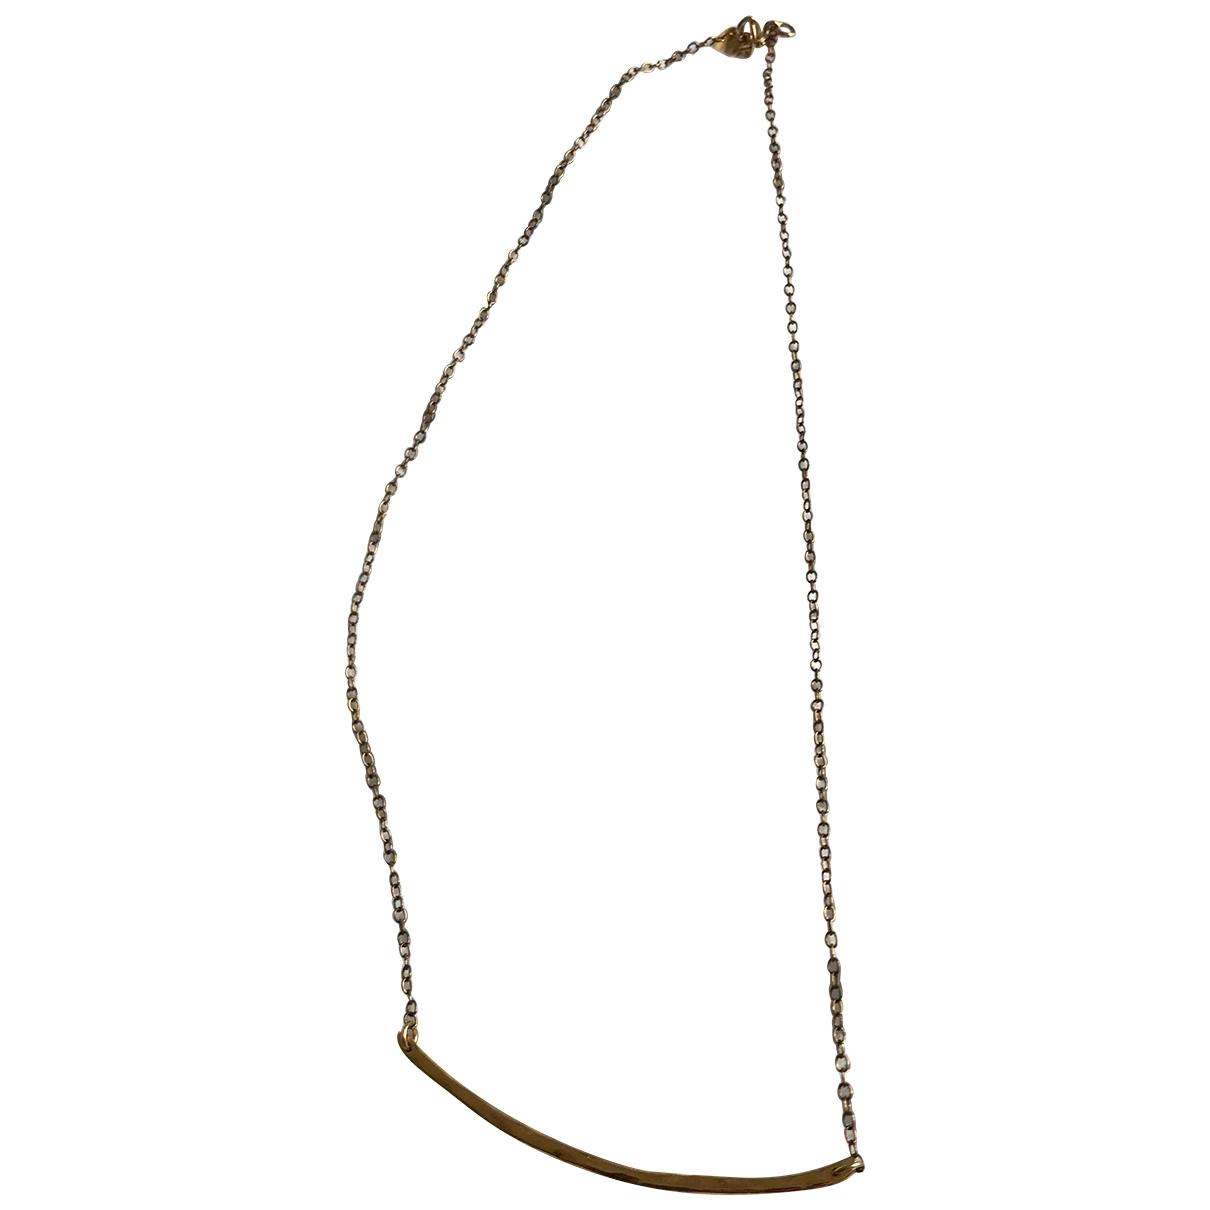 Gorjana - Collier   pour femme en plaque or - dore